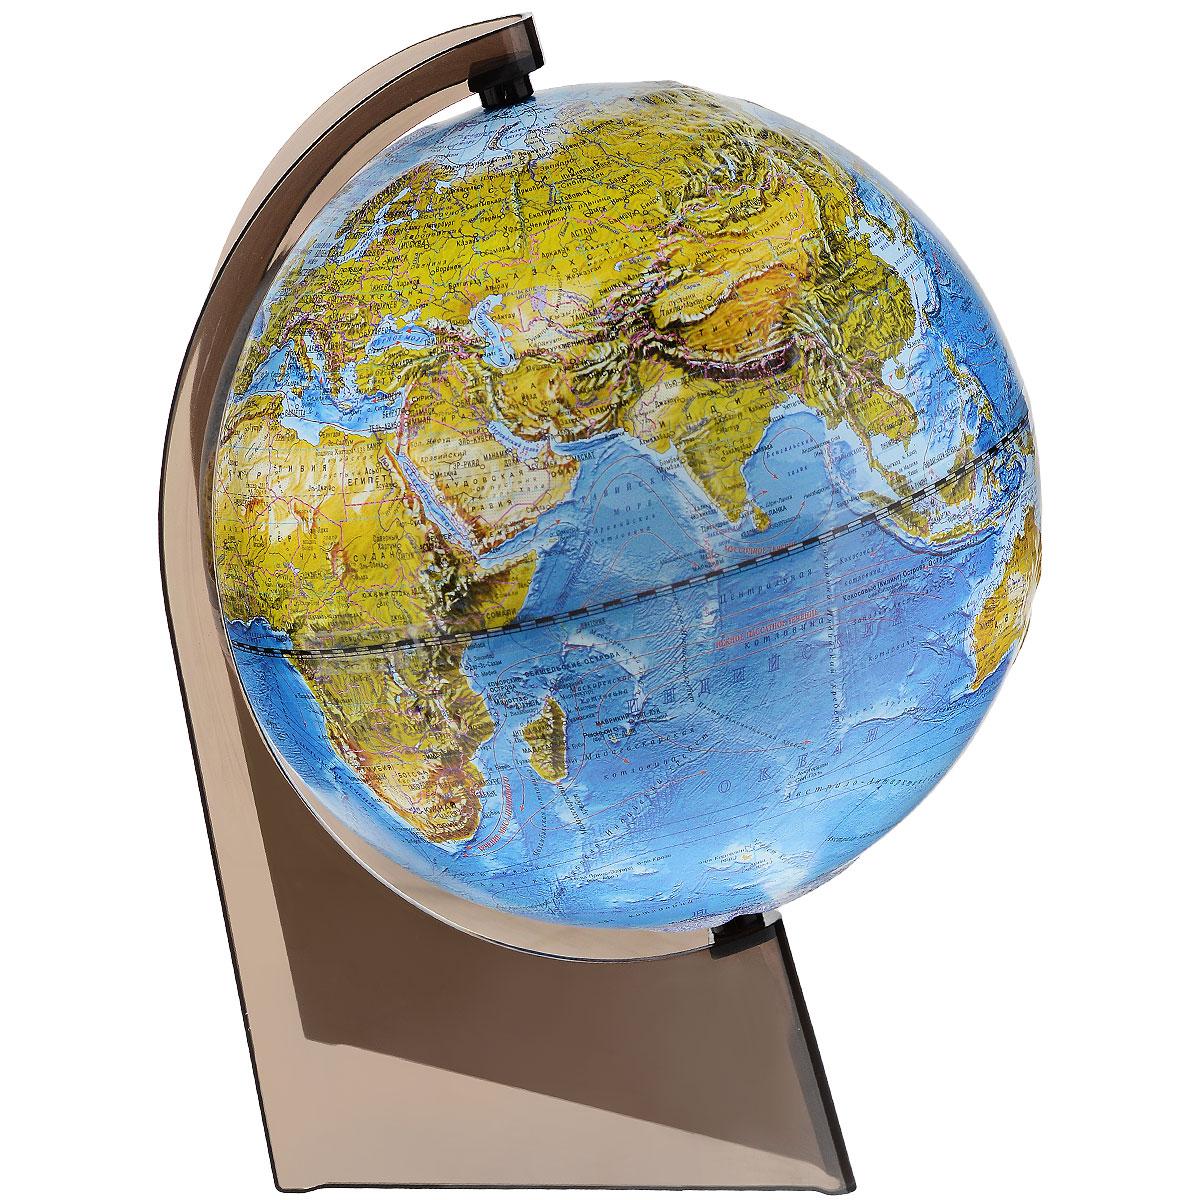 Глобусный мир Ландшафтный глобус, рельефный, диаметр 21 см10287Ландшафтный глобус Глобусный мир, изготовленный из высококачественного прочного пластика. Данная модель предназначена для ознакомления с особенностями ландшафта нашей планеты. Помимо этого ландшафтный глобус обладает приятной цветовой гаммой. Глобус дает представление о местоположении материков и океанов, на нем можно рассмотреть особенности ландшафта нашей планеты (рельефы местности, леса, горы, реки, моря, структуру дна океанов, рельеф суши), можно увидеть графическое изображение географических меридианов и параллелей, гидрографическая сеть, а также крупнейшие населенные пункты. Модель имеет рельефную выпуклую поверхность, что, в свою очередь, делает глобус особенно интересным для детей младшего школьного и дошкольного возрастов. Изделие расположено на треугольной подставке. Названия стран на глобусе приведены на русской язык. Настольный ландшафтный глобус Глобусный мир станет оригинальным украшением рабочего стола или вашего кабинета. Это изысканная...